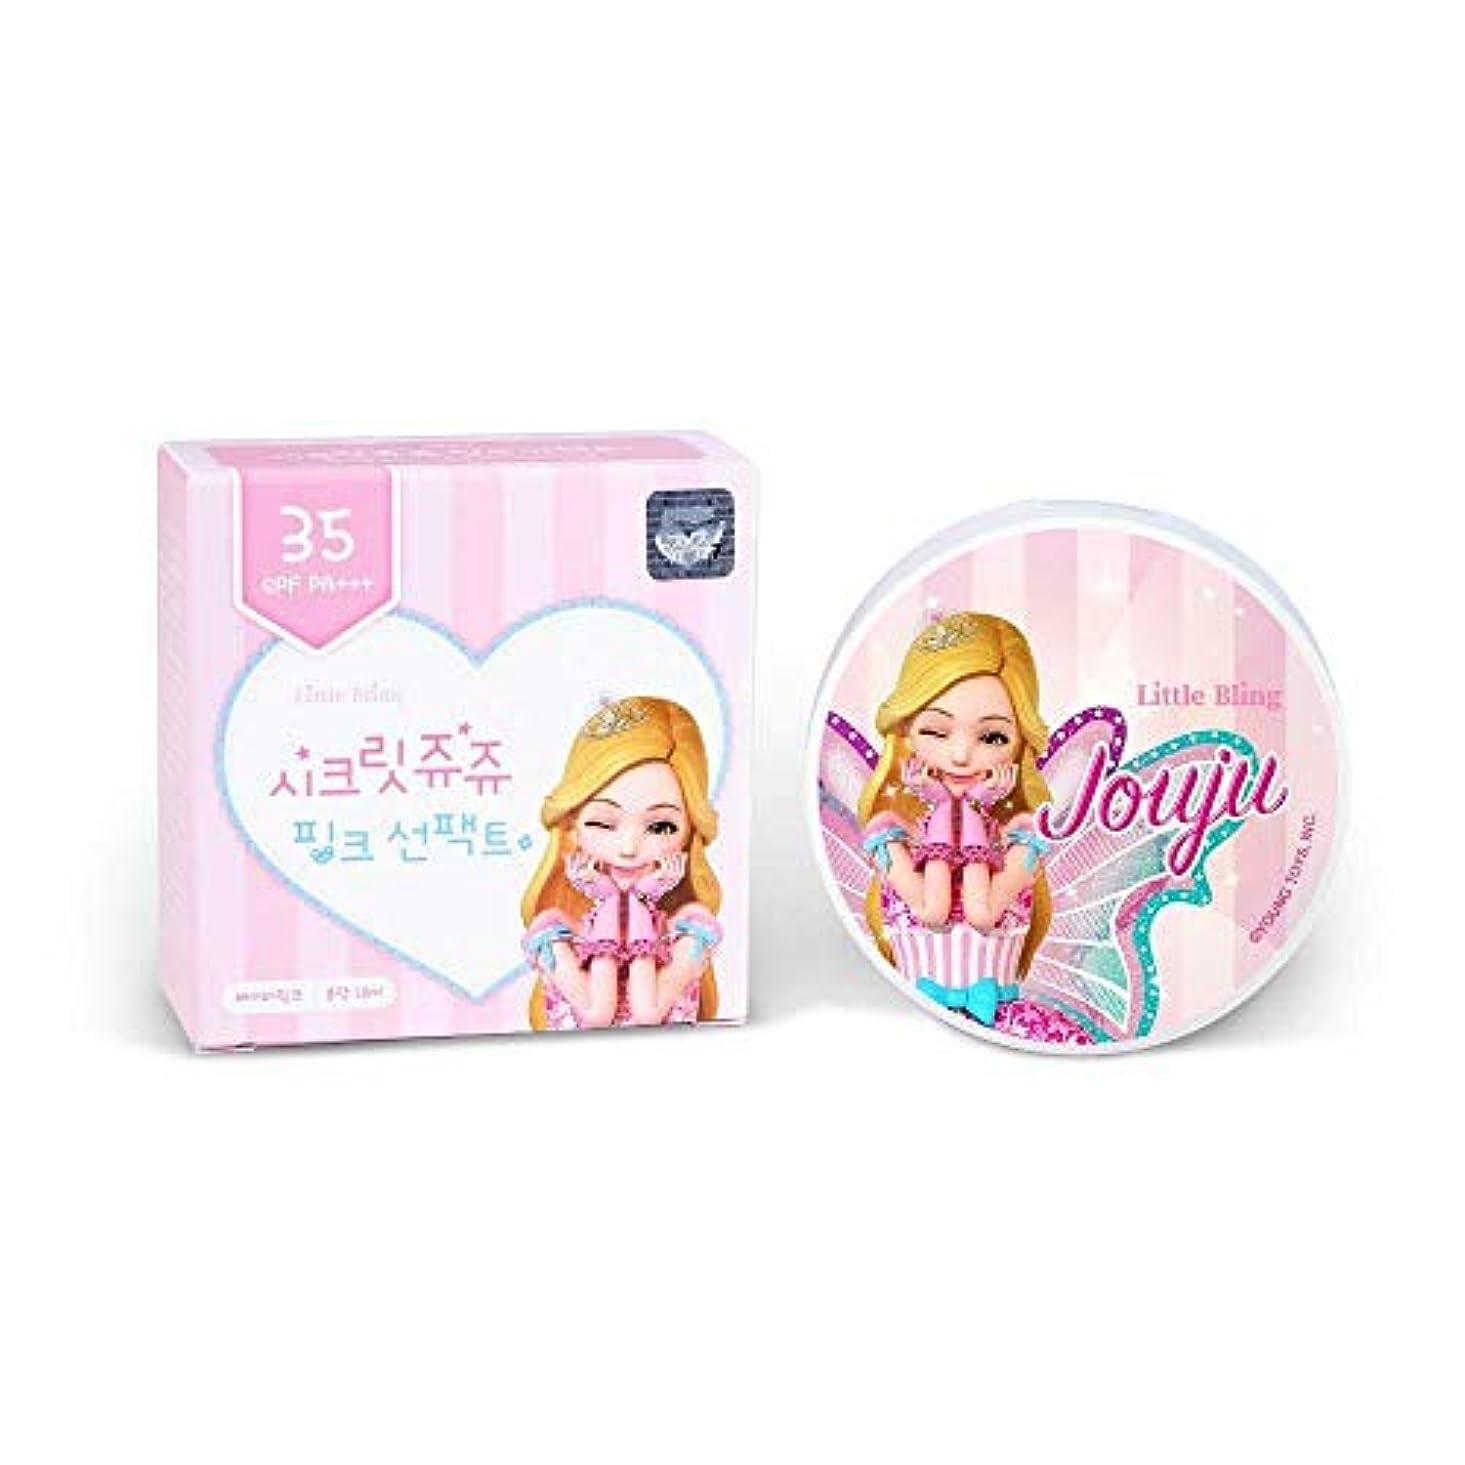 急速な包括的ジャグリングLittle Bling Secret Jouju Pink Sun Pact ピンク サンパクト SPF35 PA+++ 韓国日焼け止め